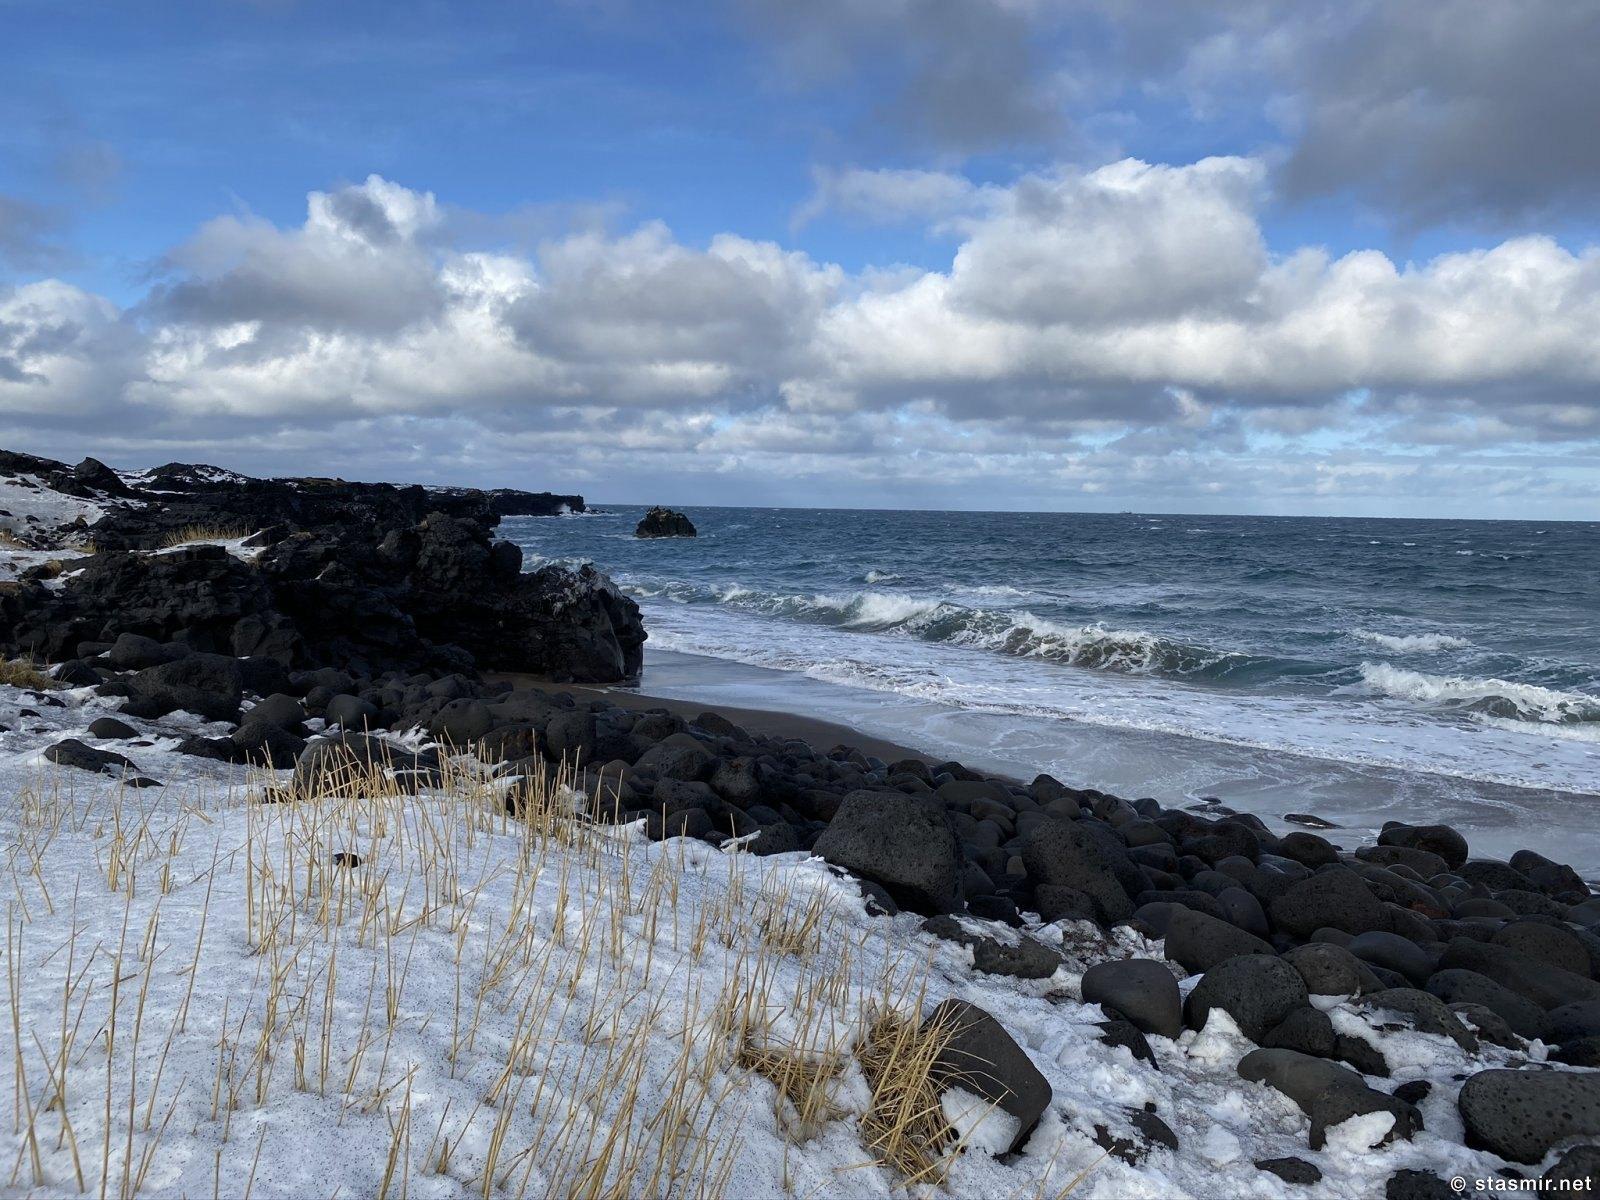 Атлантический океан в Исландии. Снайфедльснес - национальный парк, Фото Стамир, photo Stasmir